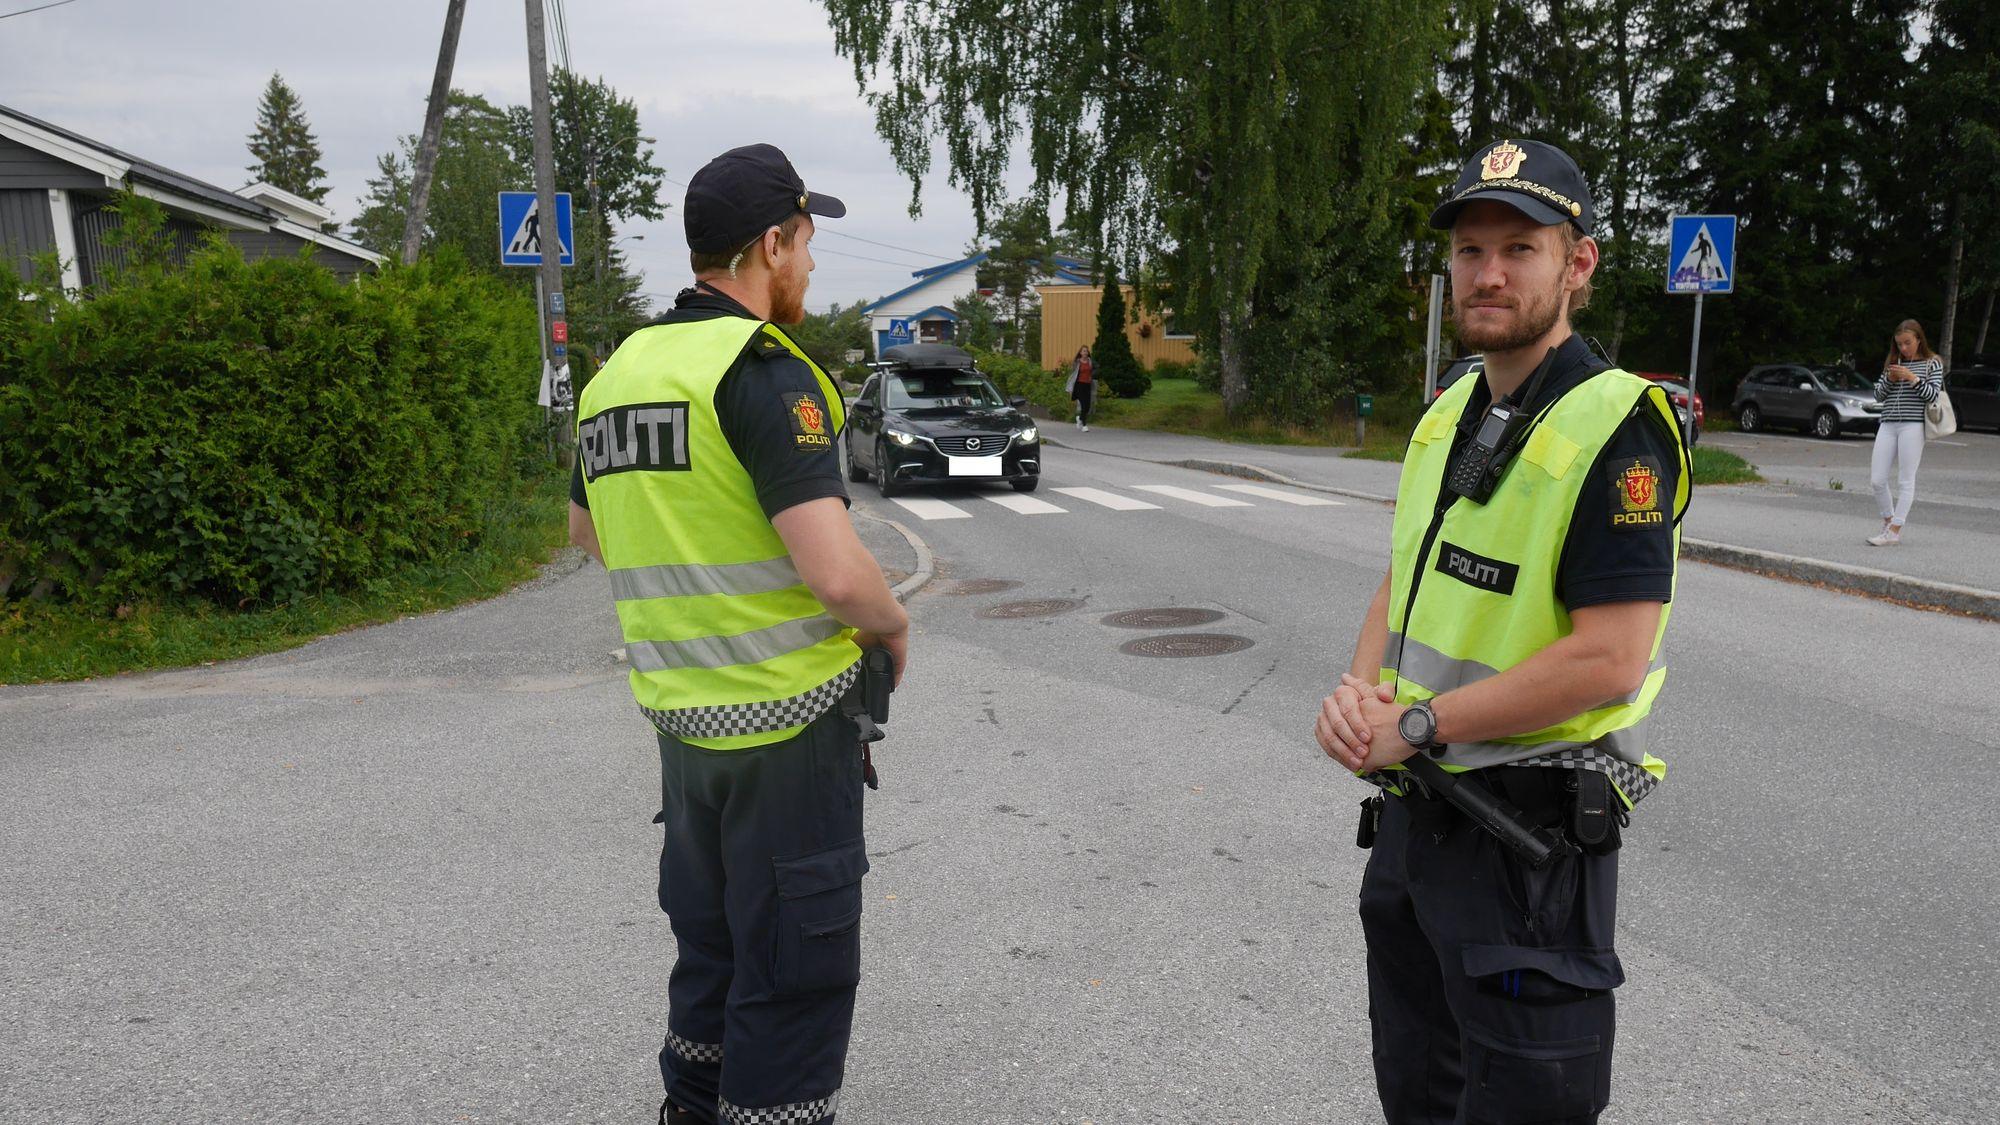 PÅ PATRULJE: Politiet er på vakt rundt skolene våre, og hadde i morgentimene i dag blant annet kontroll i Holbergsvei på Sofiemyr.